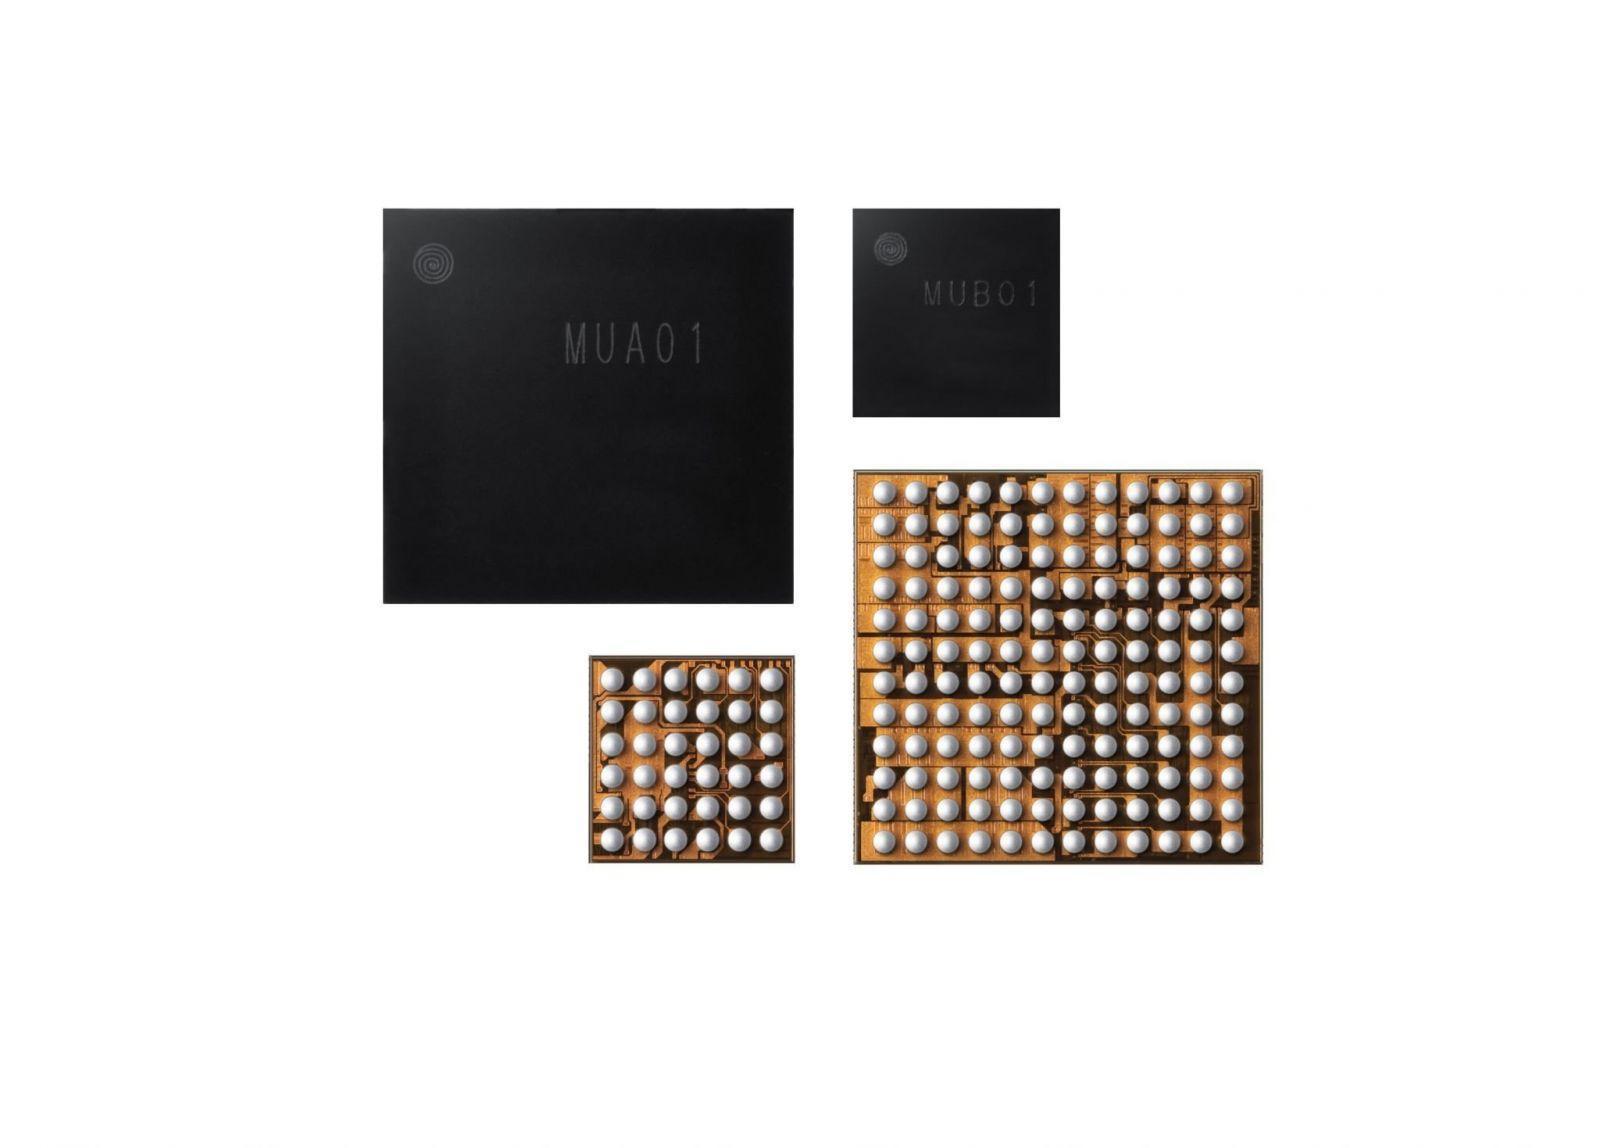 Samsung первым в отрасли создал чипы для работы в true-wireless наушниках (all in one pmic 2 scaled)